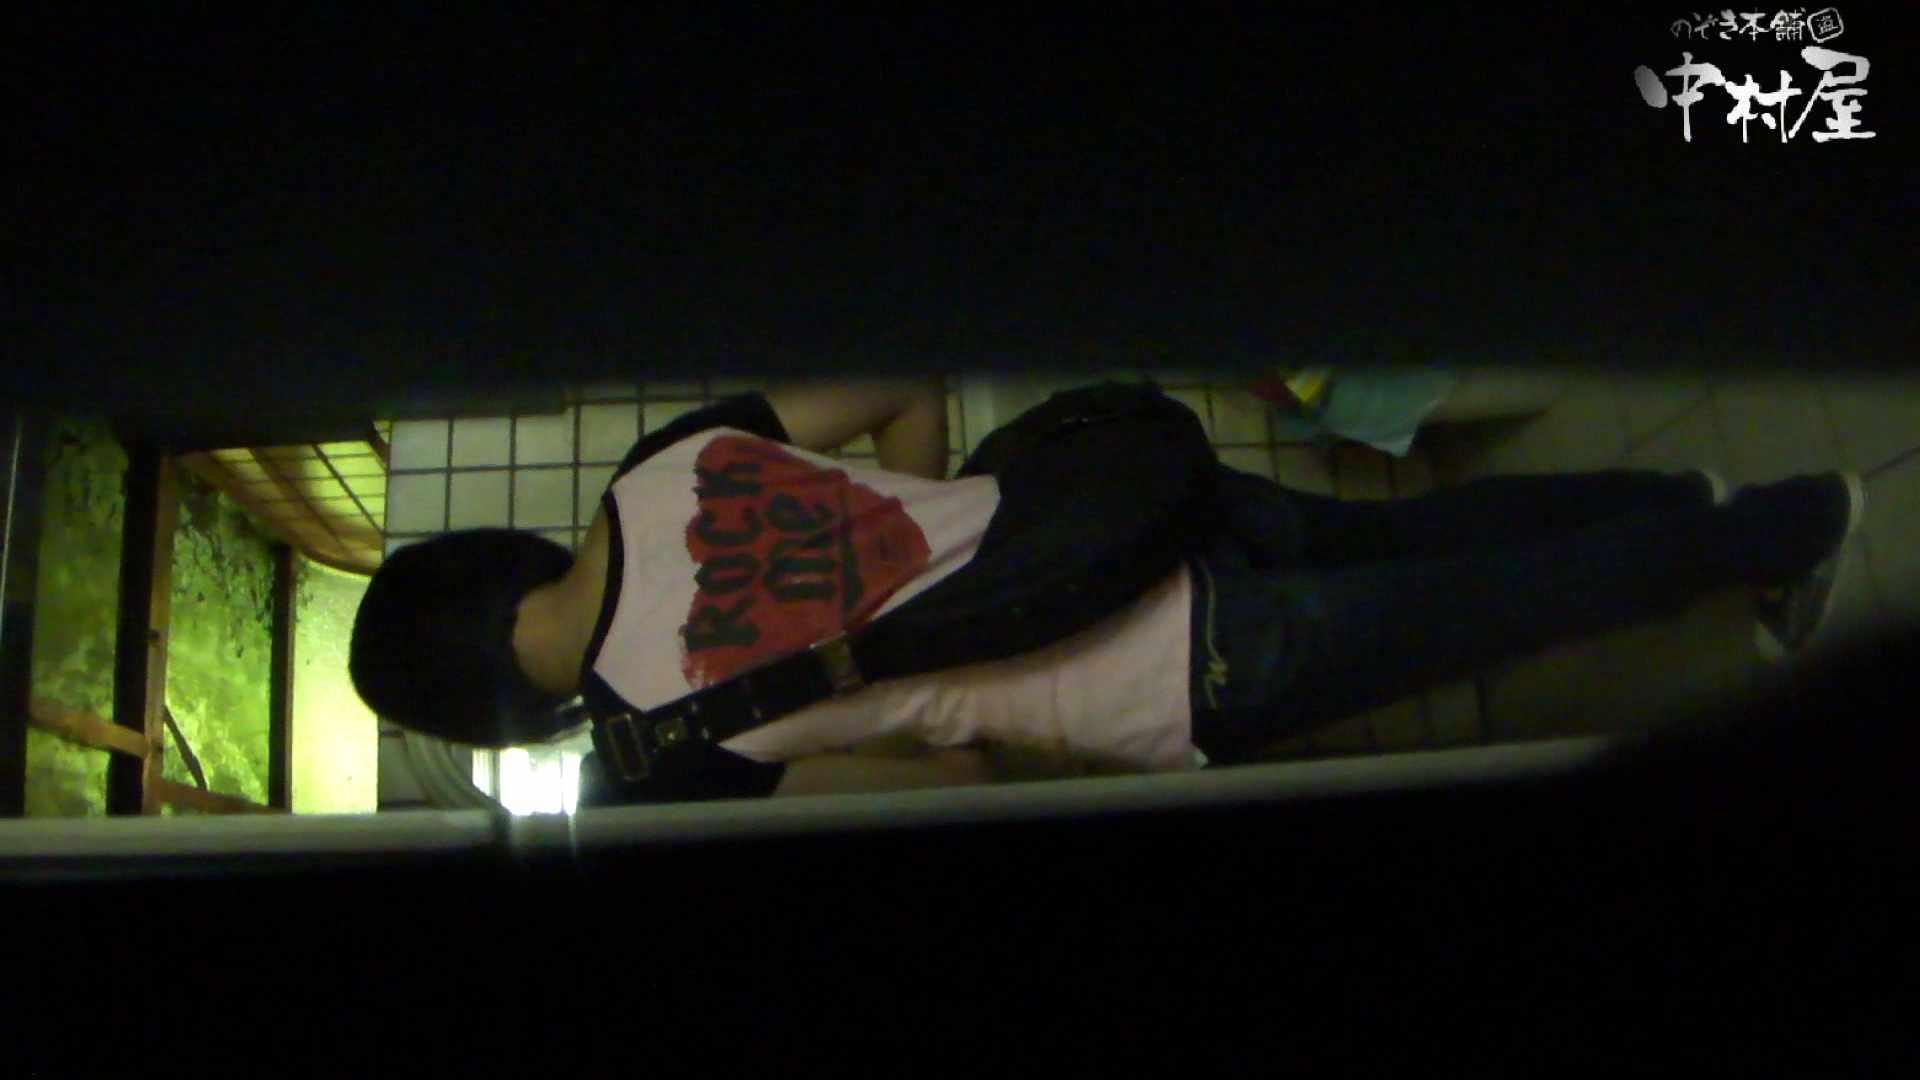 【美人が集まるファッションショッピングセンター洗面所盗SATU】ギャルのツルピカ潜入盗satu!Vol.09 OLのエロ生活 エロ画像 81連発 27